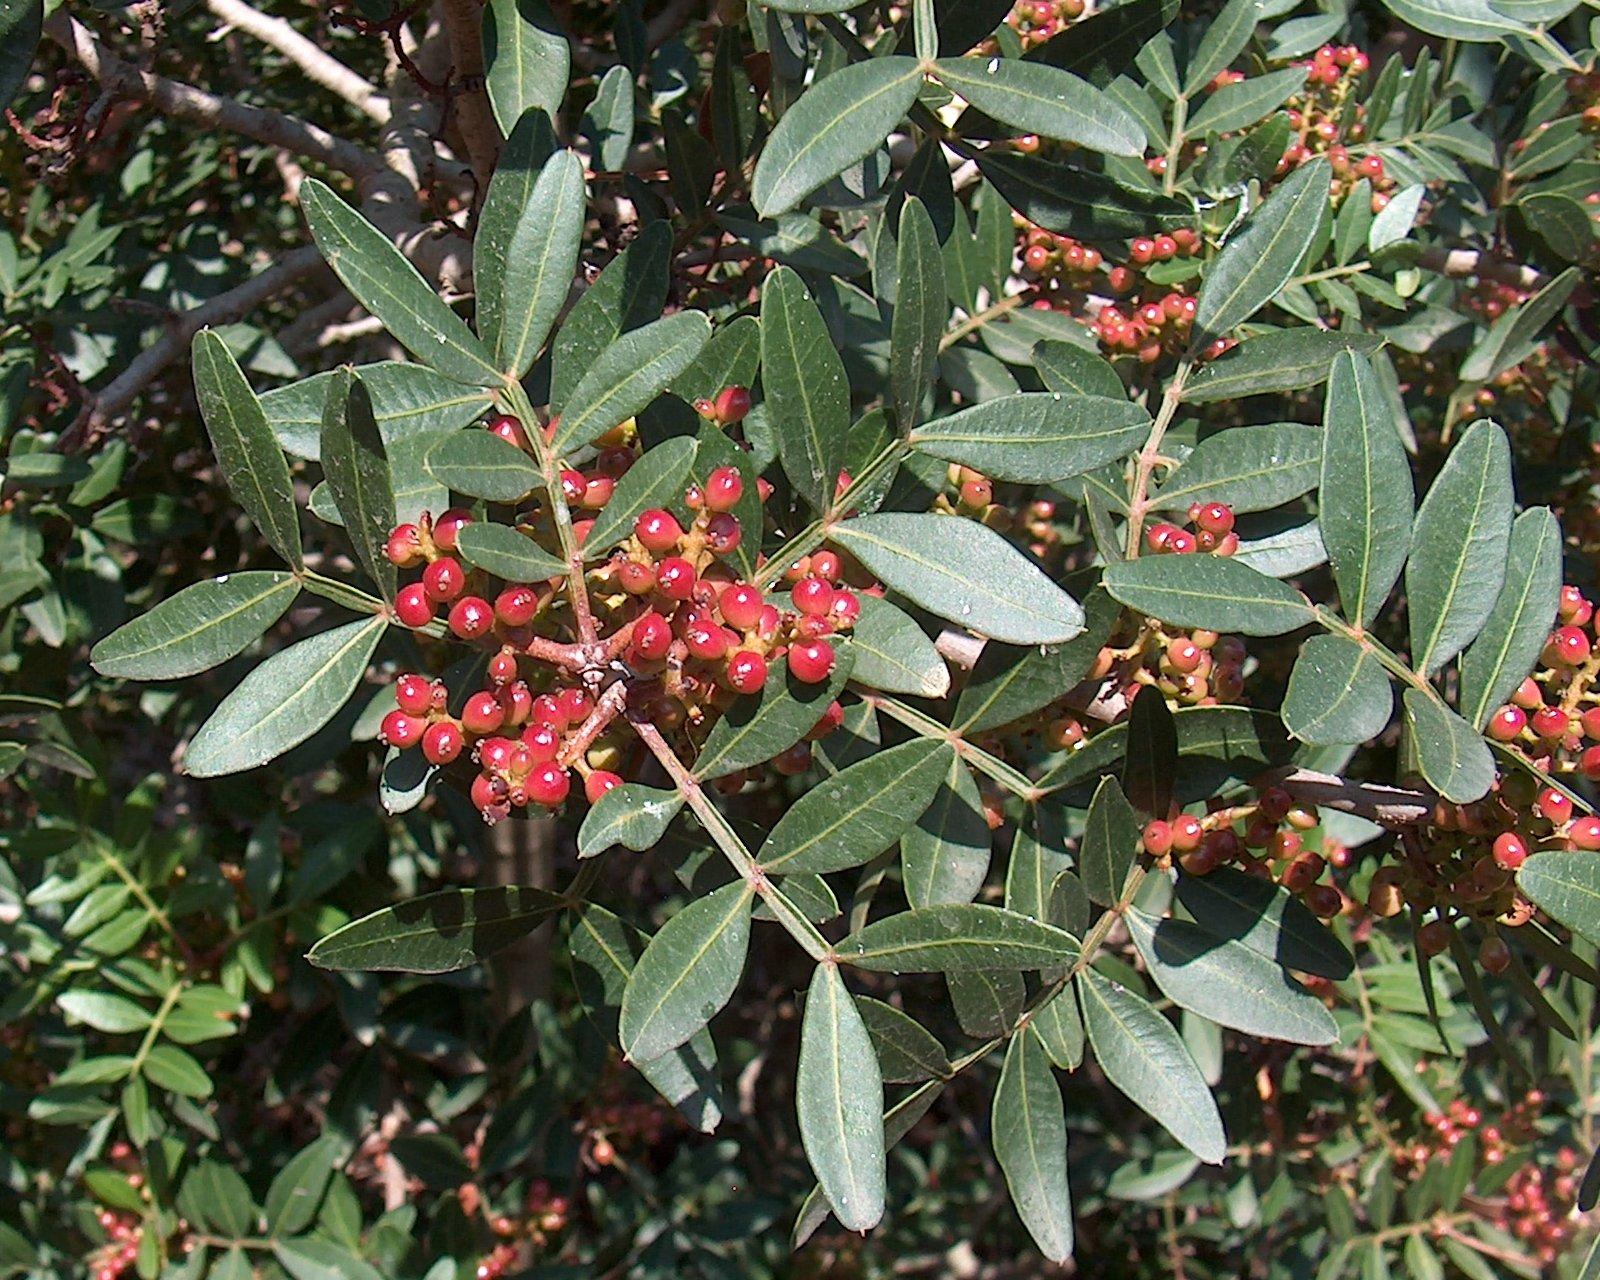 شجرة دائمة الخضرة لها ثمر أحمر مر